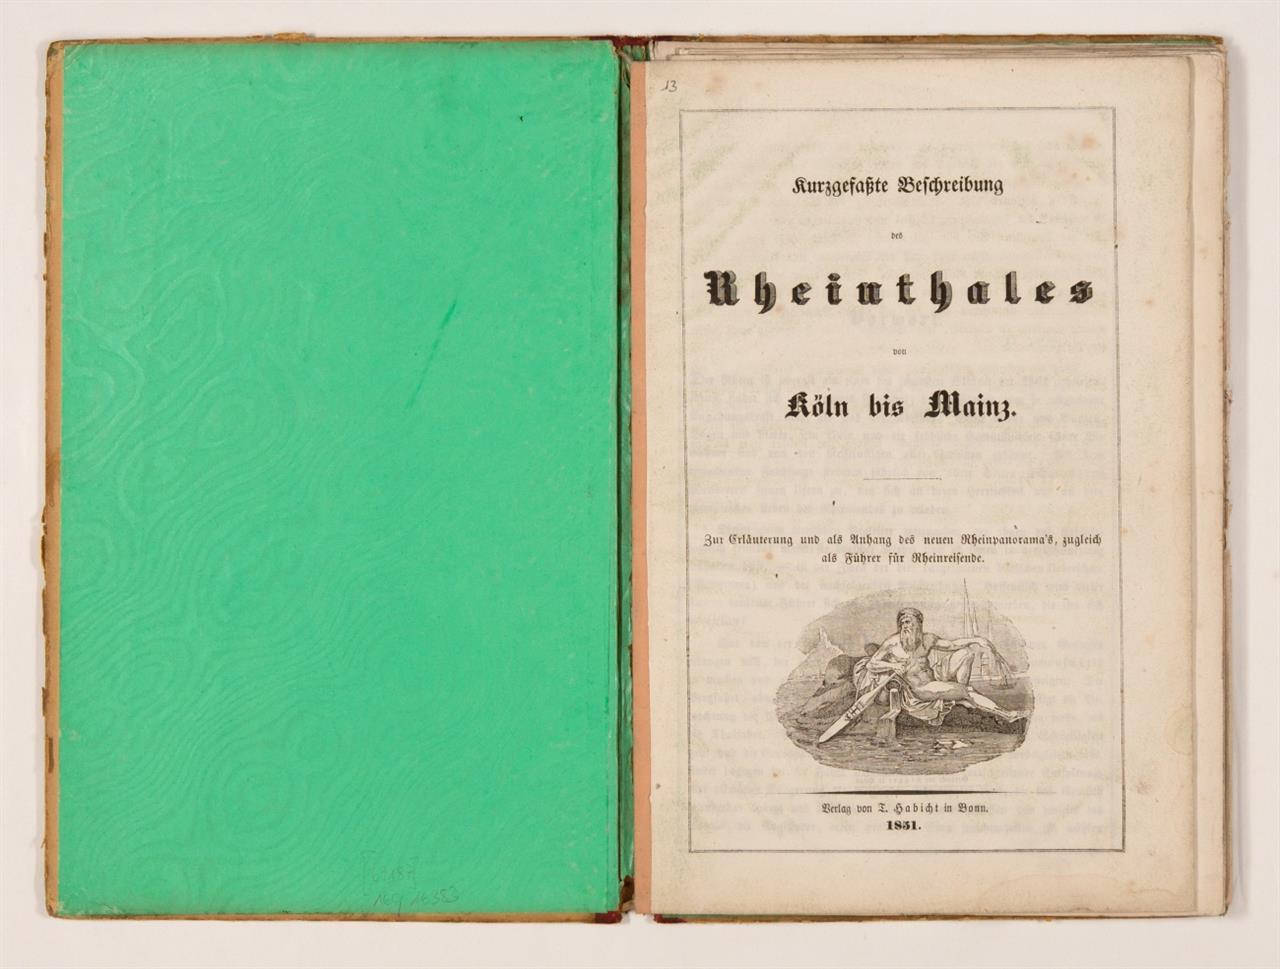 F. W. Delkeskamp, Neues Panorama des Rheins von Mainz bis Köln. Leporello mit eingehängtem Begleitheft. Ffm 1851.